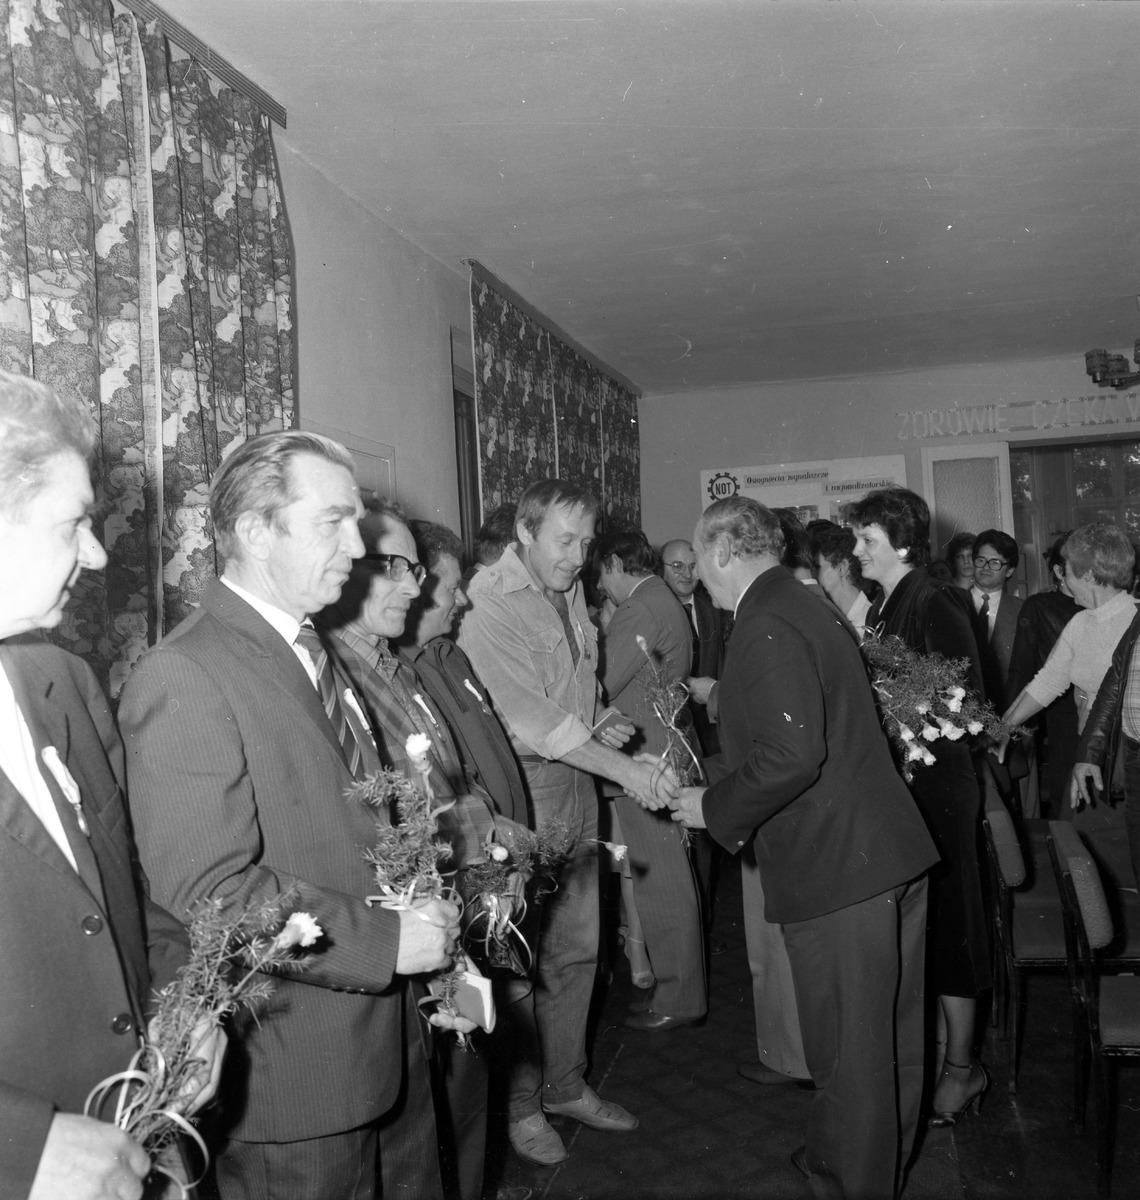 Spotkanie jubileuszowe w Mleczarni, 1985 r. [6]